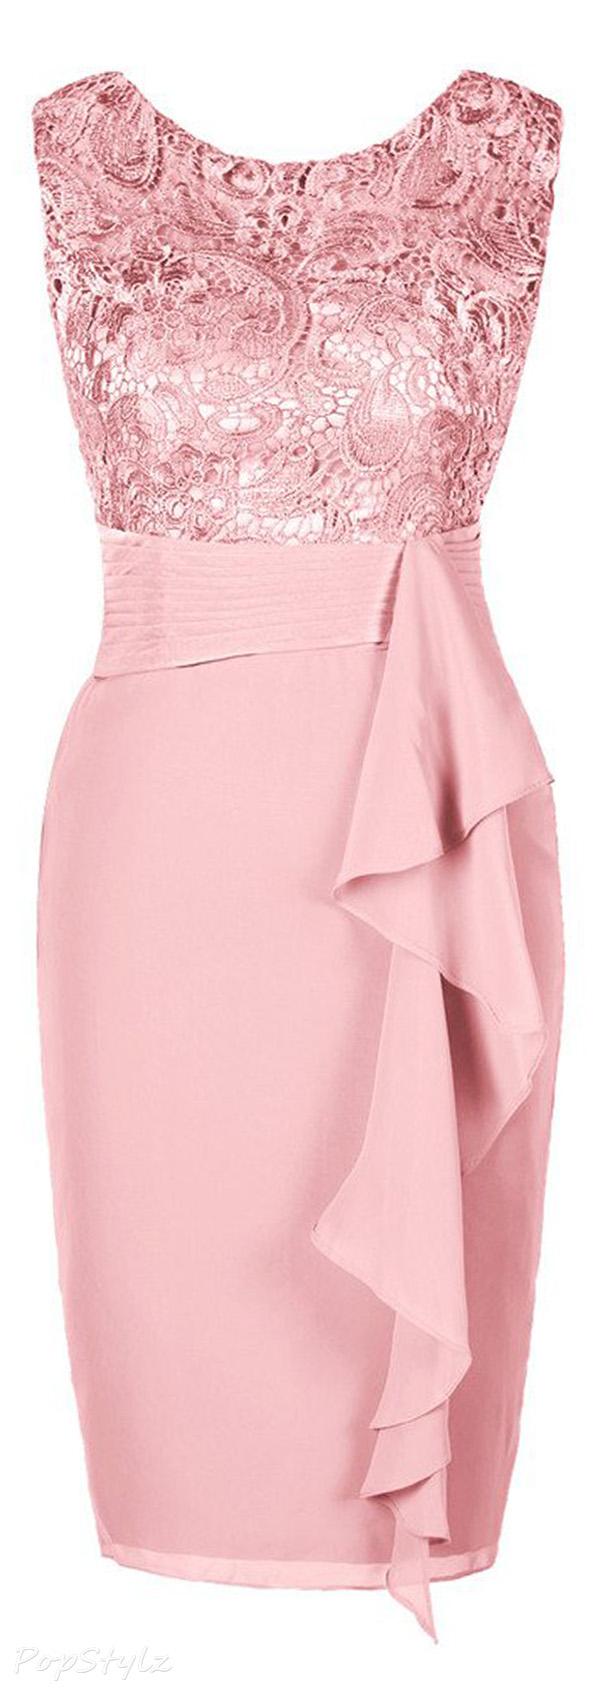 Ellames Short Lace Formal Party Dress